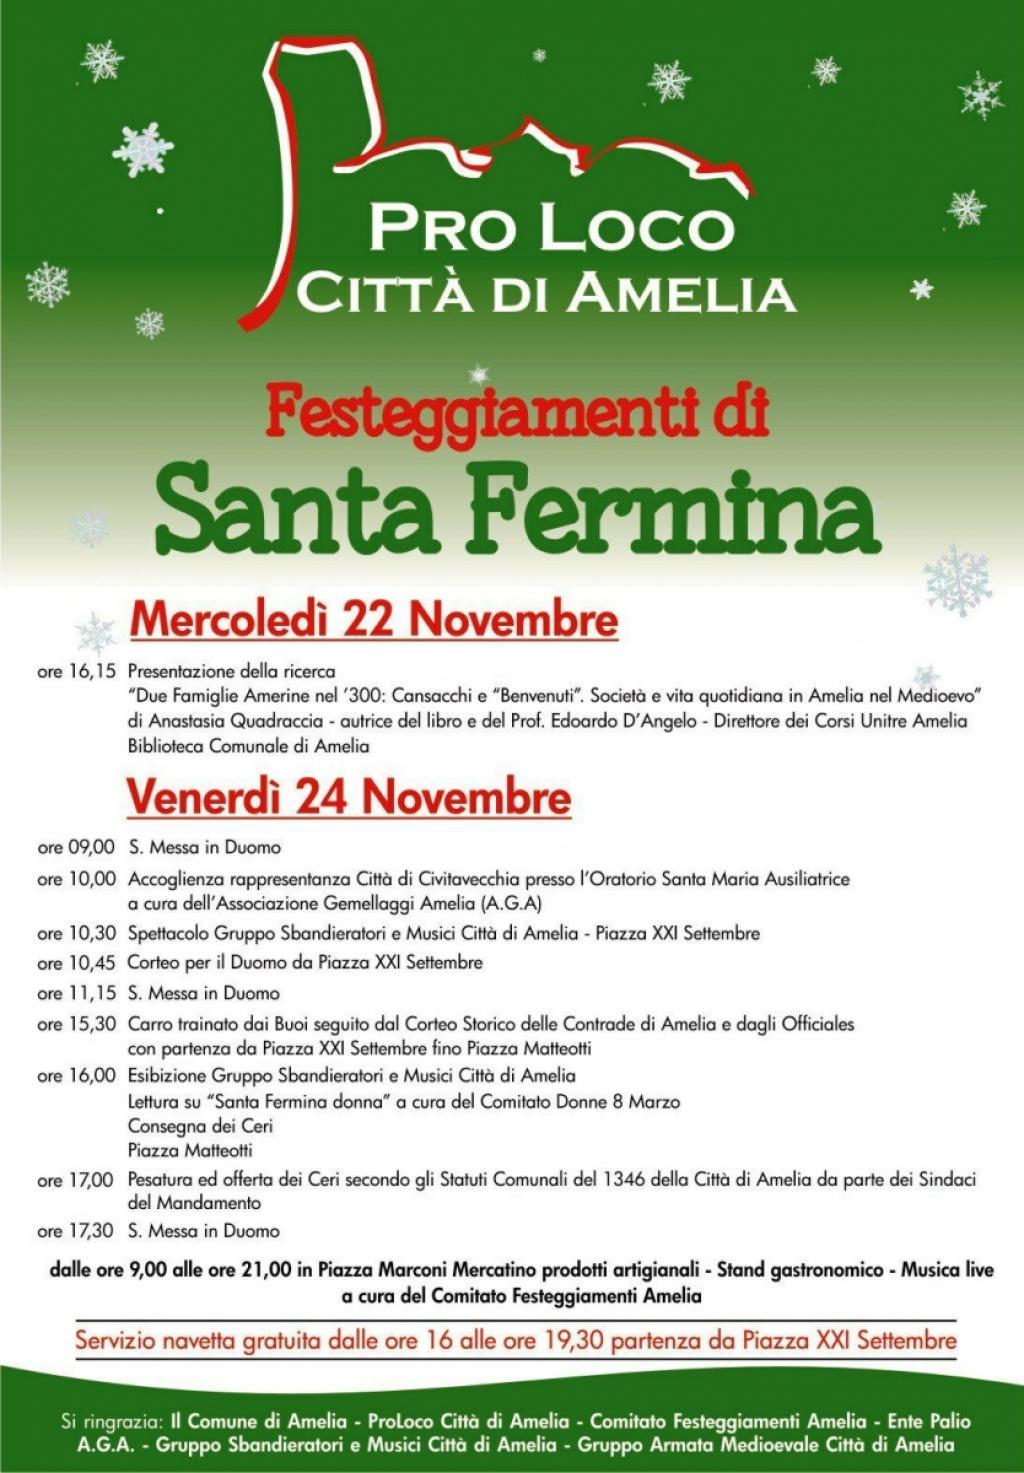 Festeggiamenti di Santa Fermina - 24 Novembre 2017